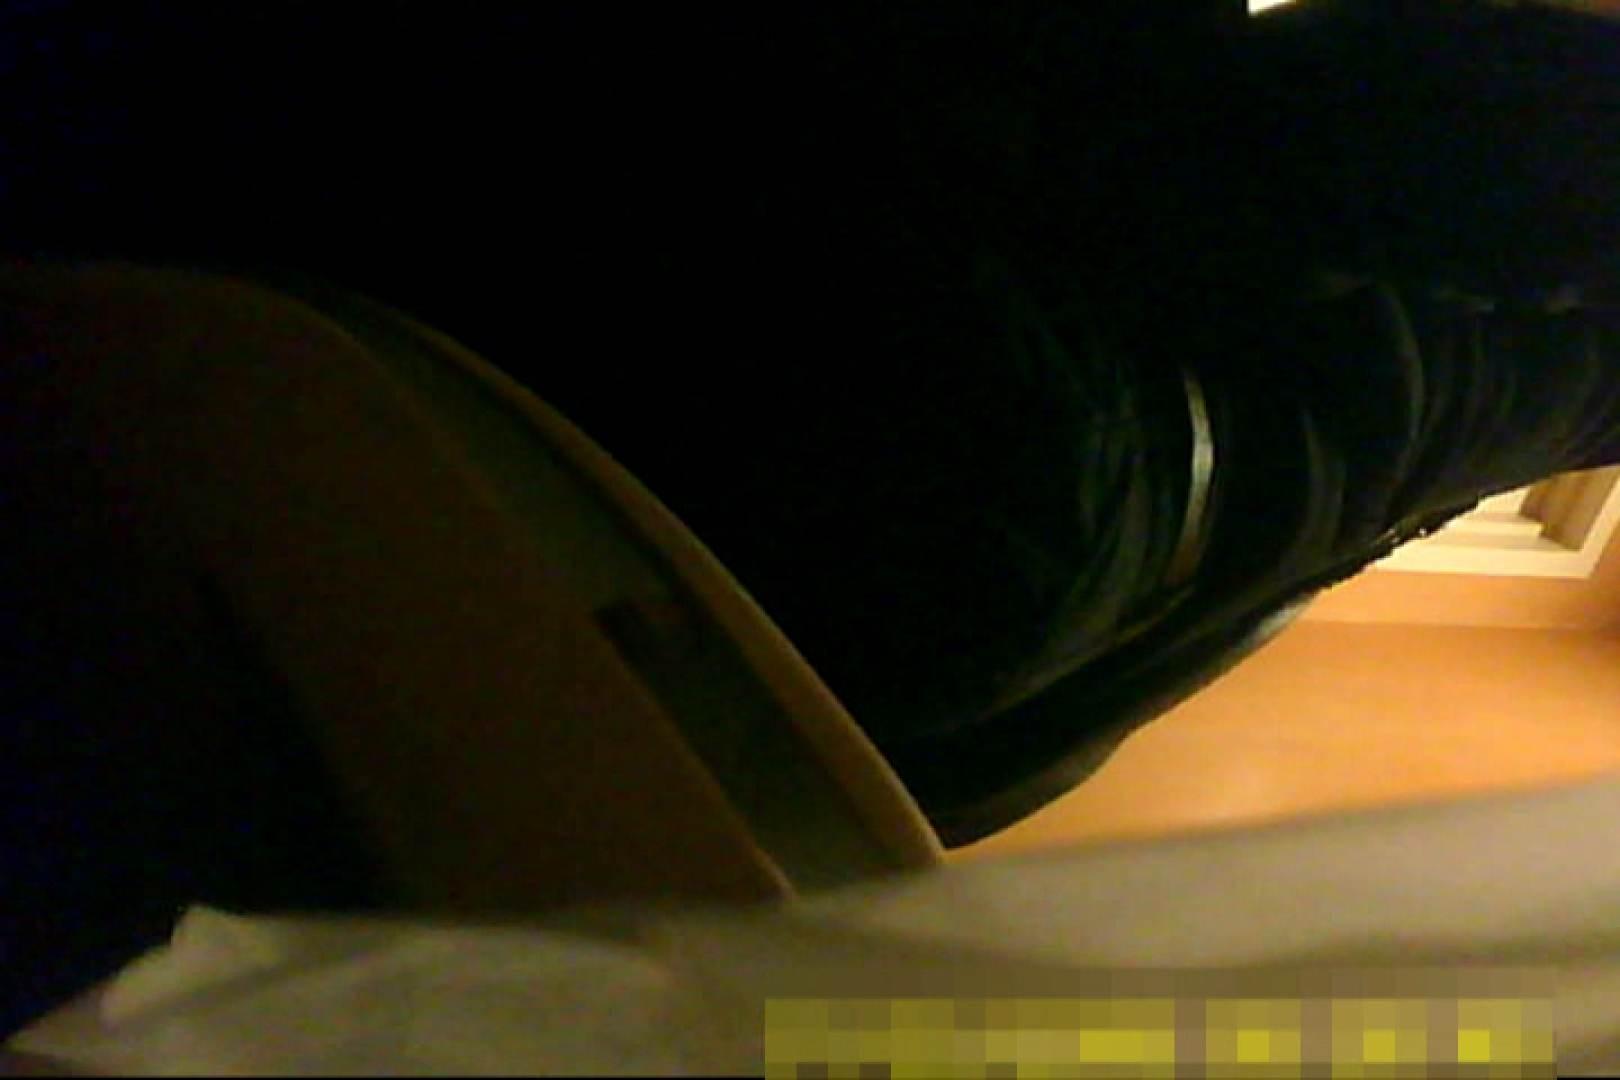 魅惑の化粧室~禁断のプライベート空間~vol.8 熟女   HなOL  68pic 11